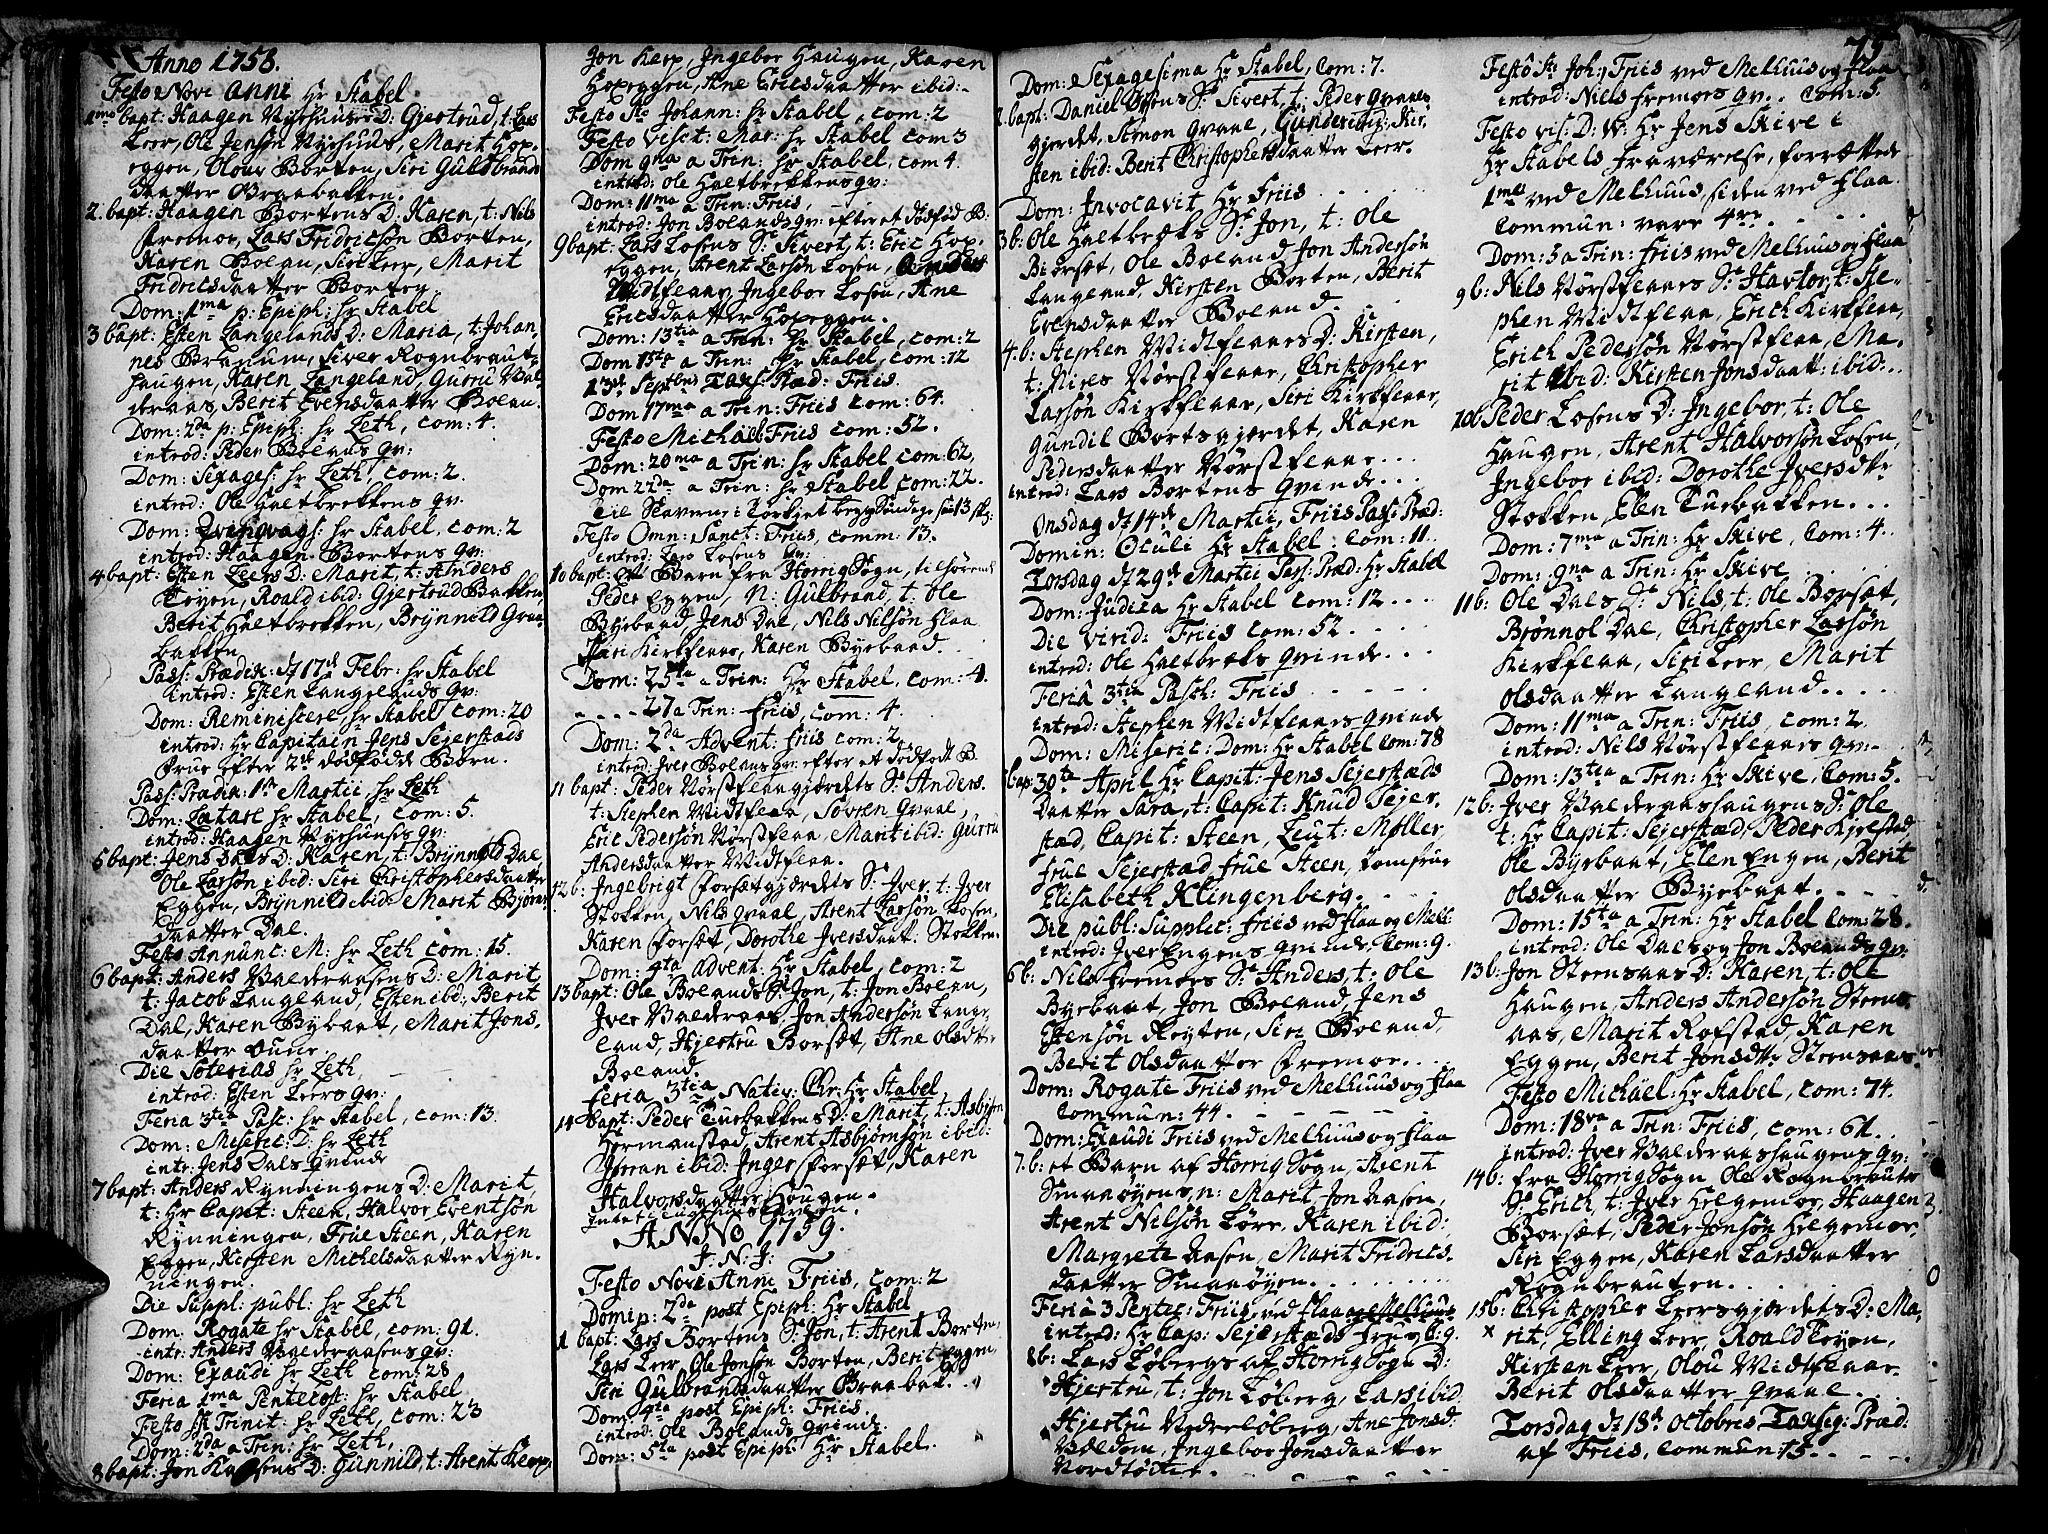 SAT, Ministerialprotokoller, klokkerbøker og fødselsregistre - Sør-Trøndelag, 691/L1058: Ministerialbok nr. 691A01 /2, 1740-1767, s. 75